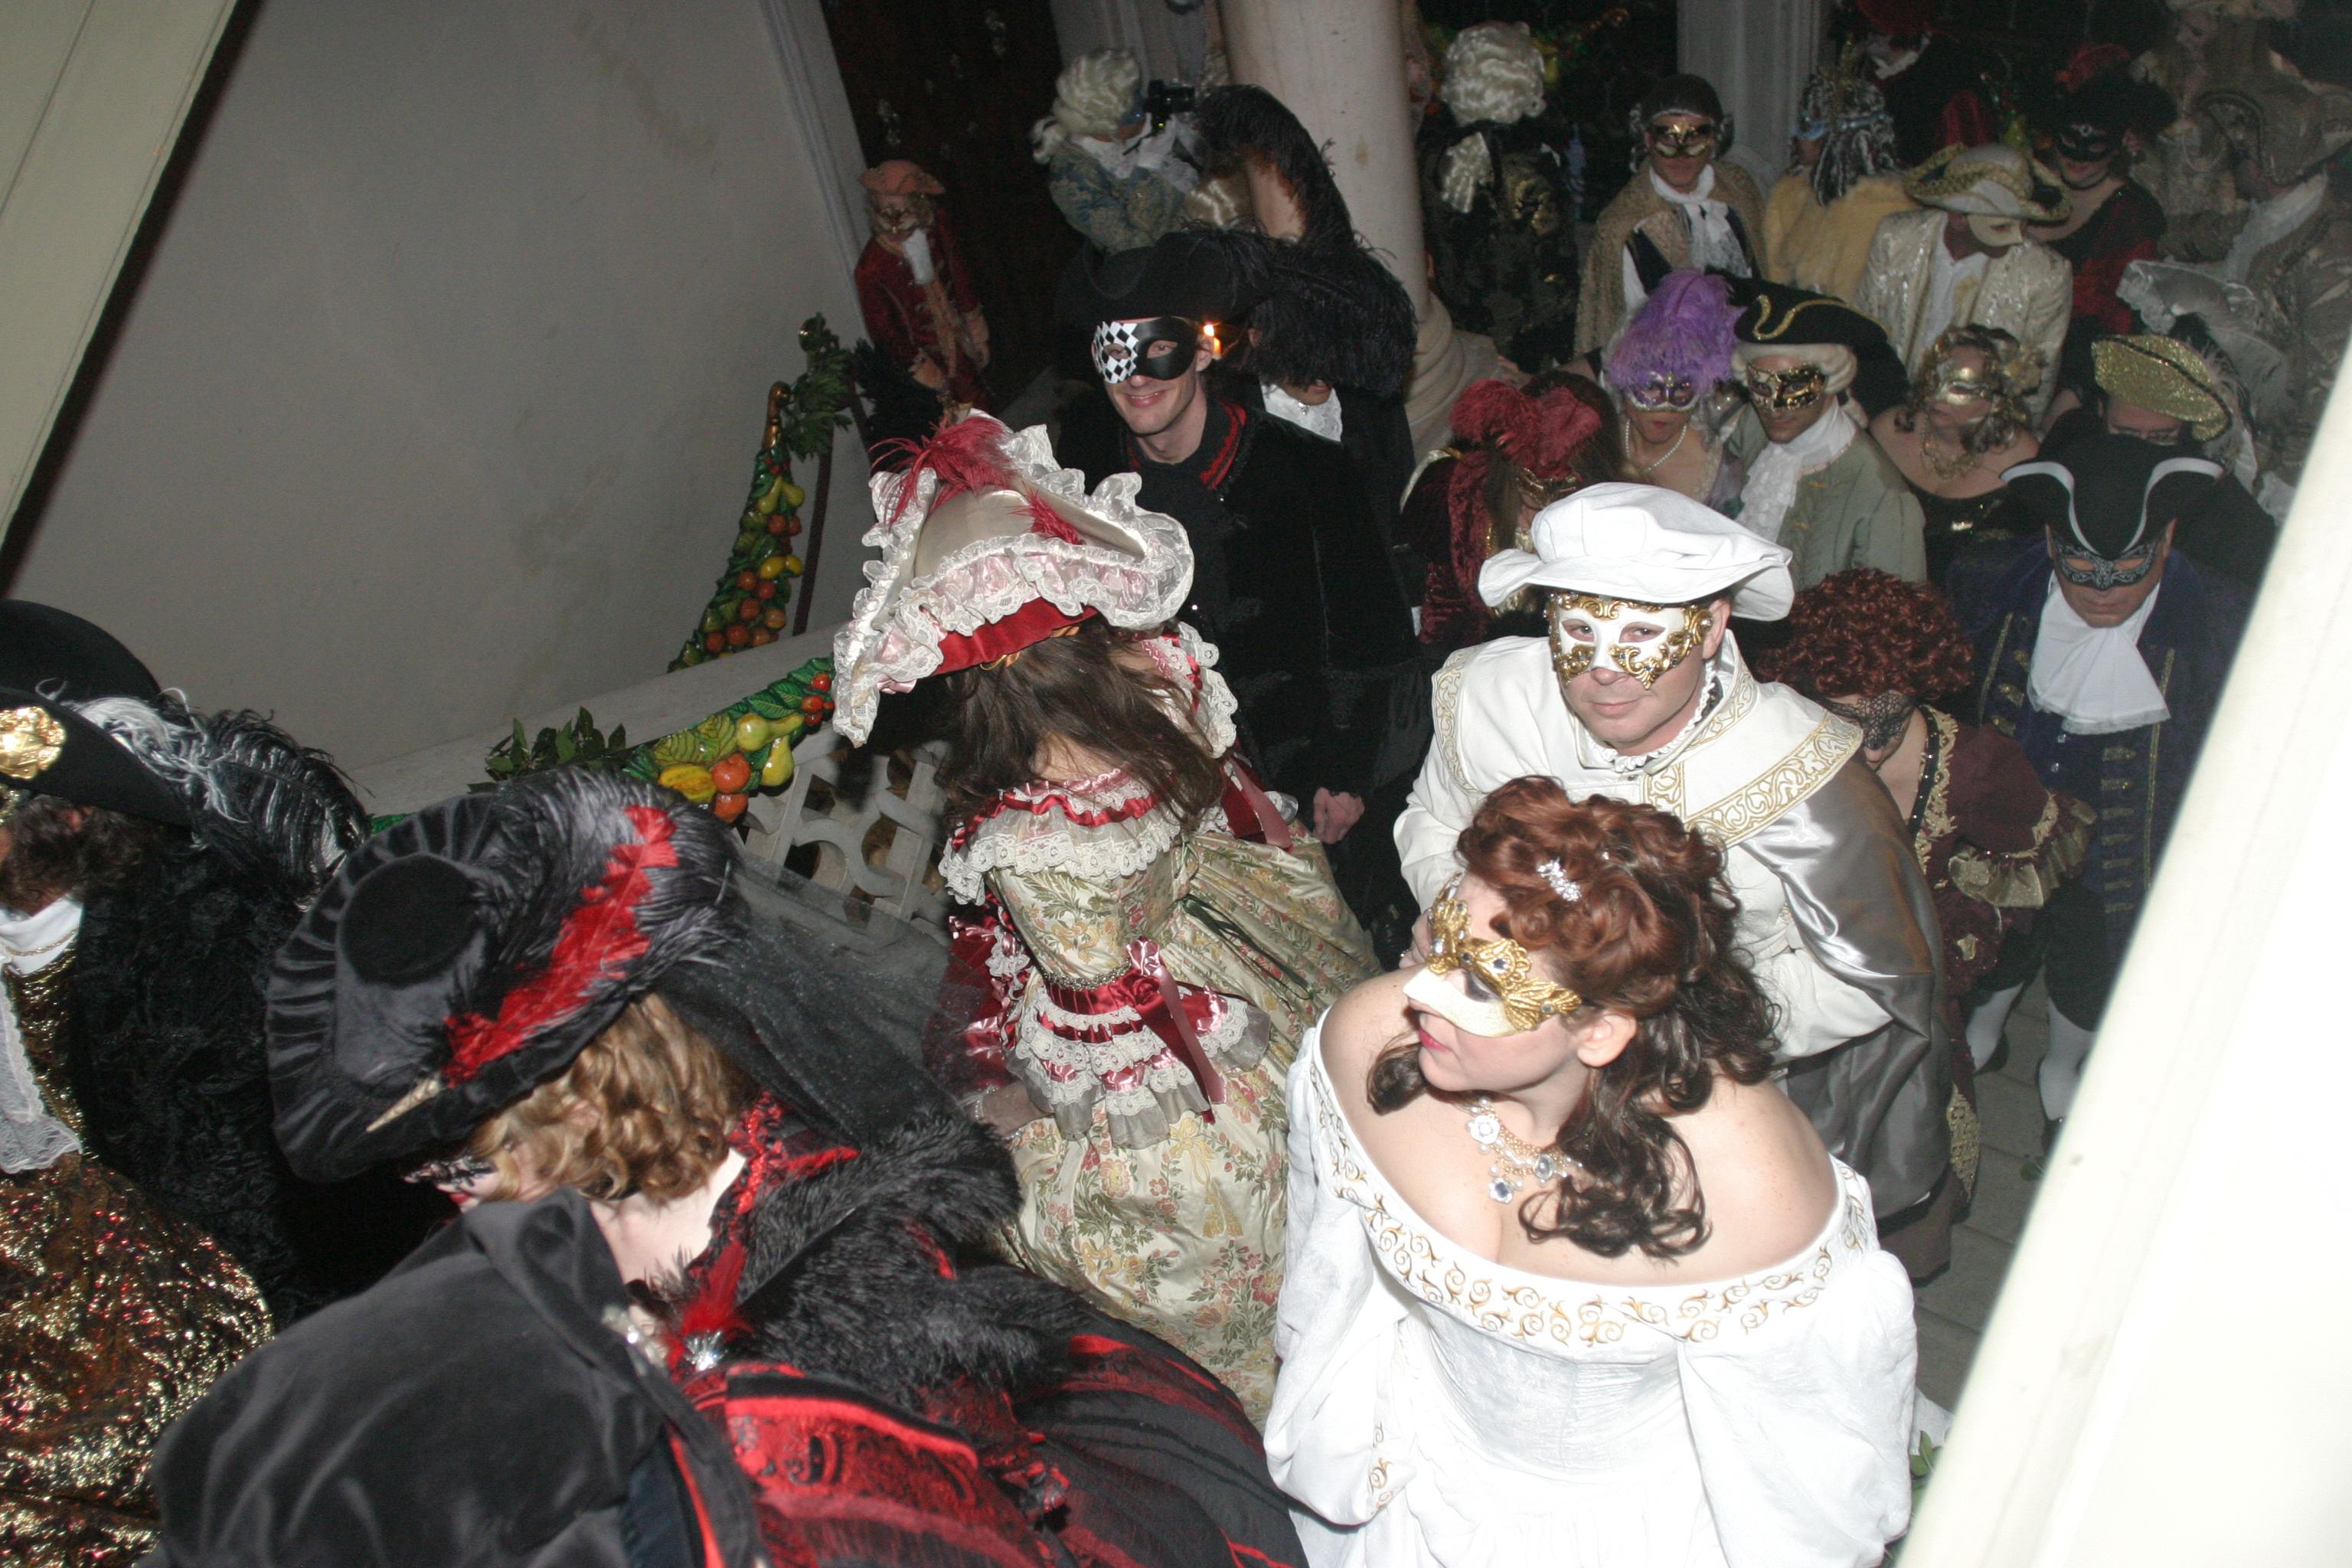 Masquerade Balls